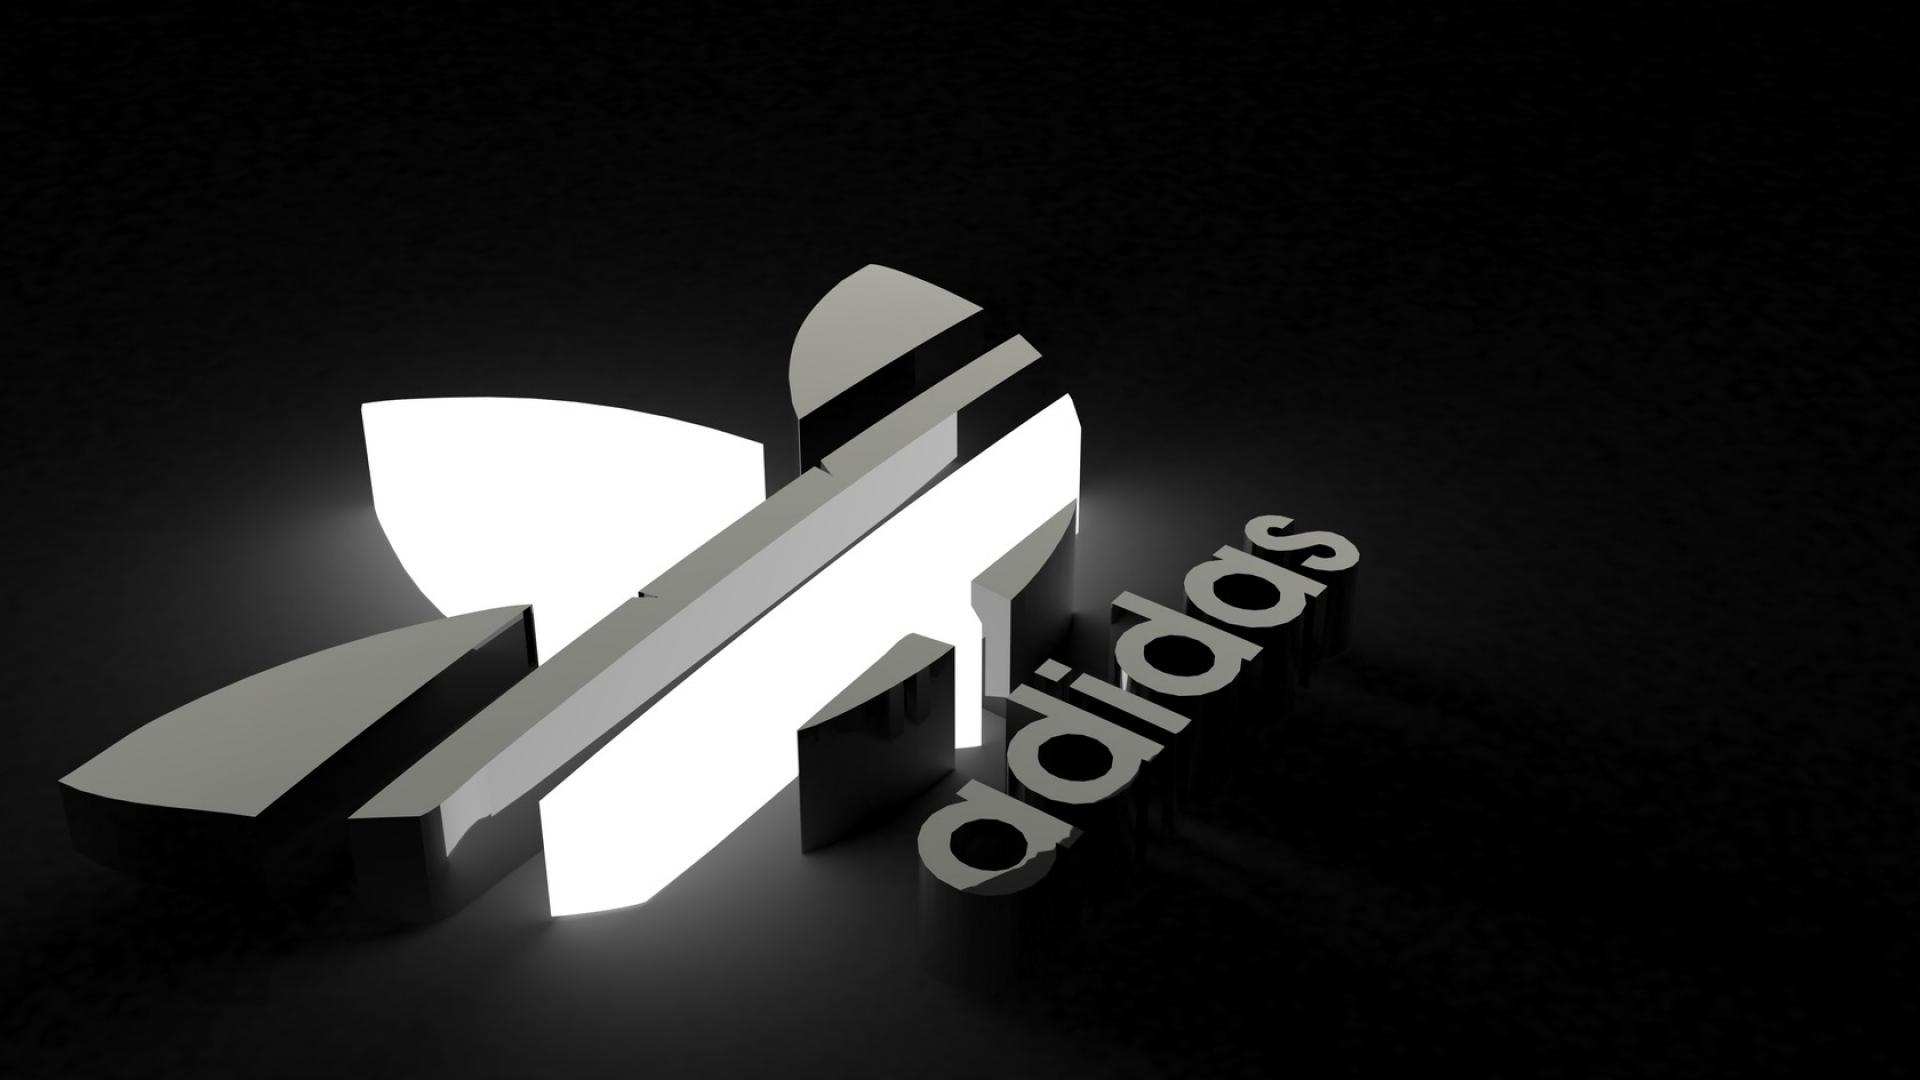 Adidas Logo Black Background